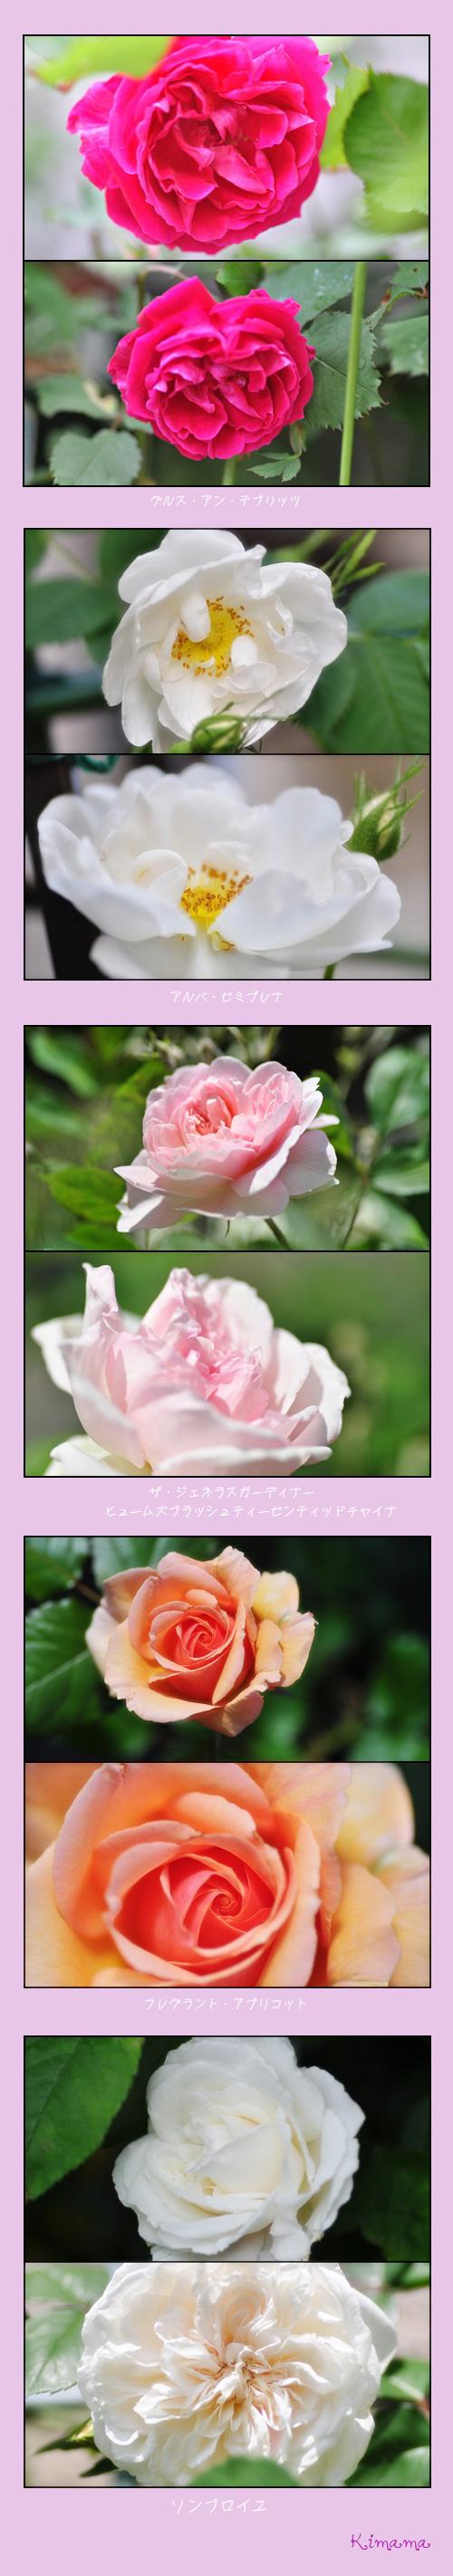 5月13日薔薇2